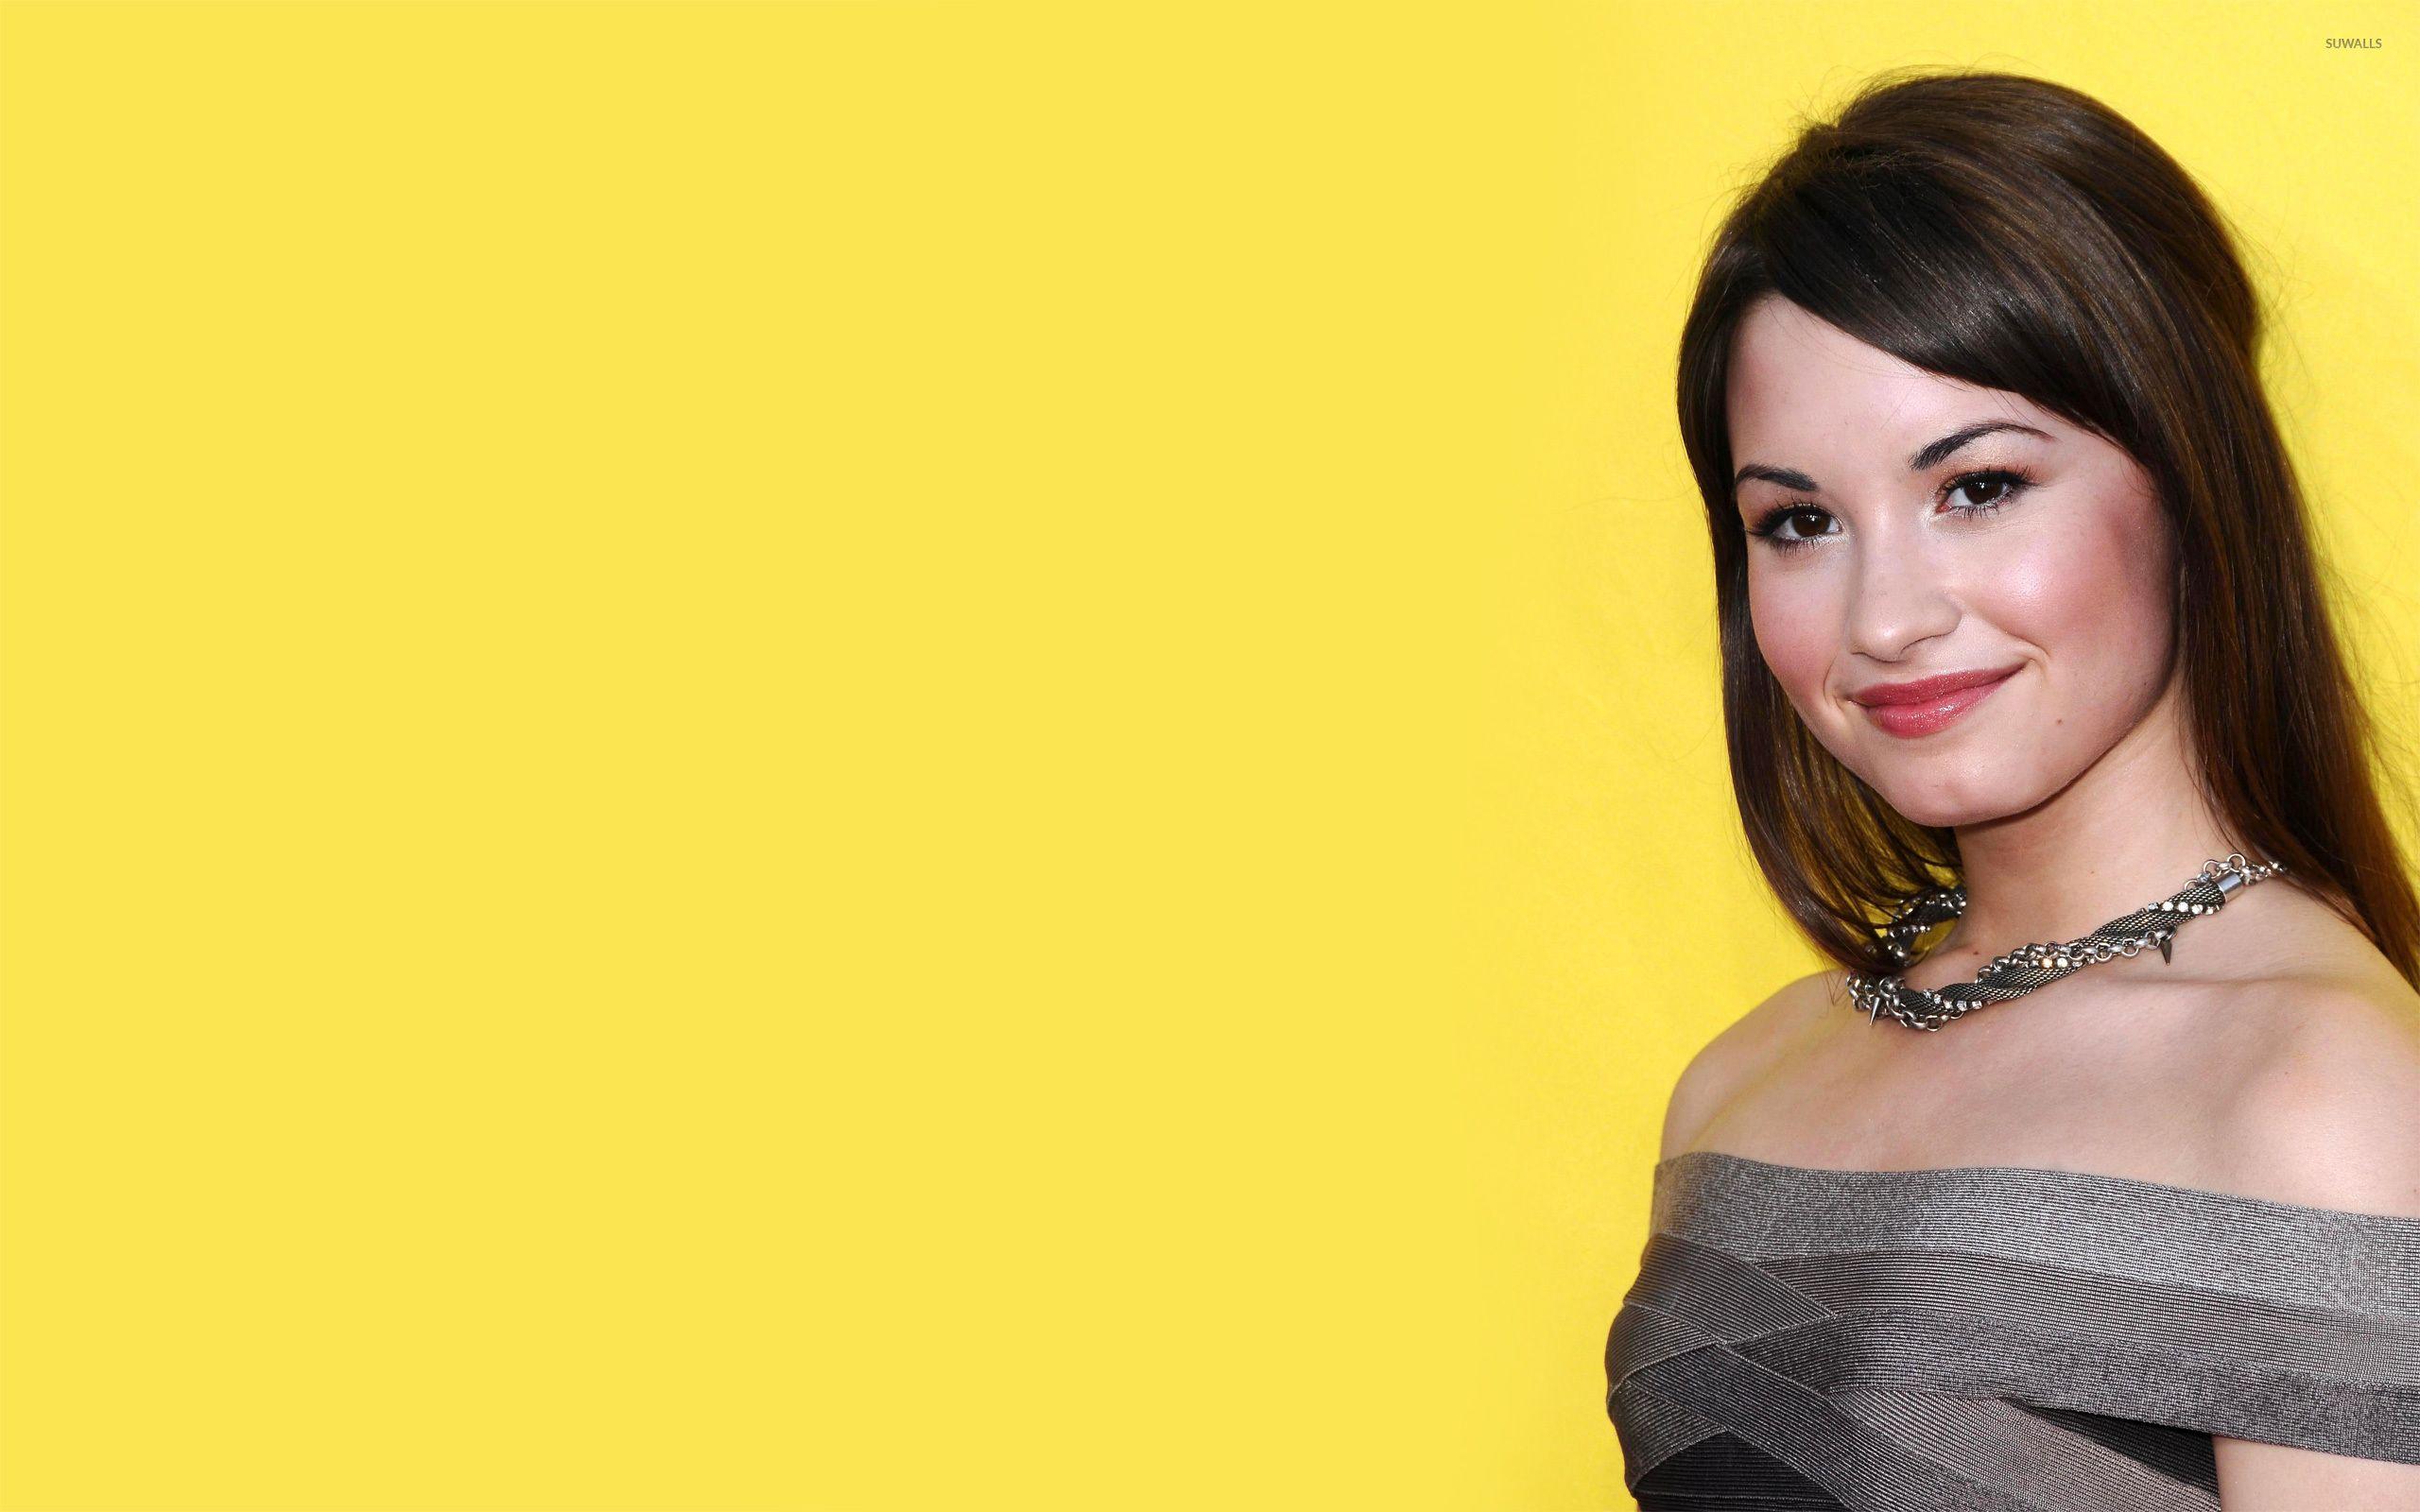 Demi Lovato Wallpaper PC Demi Lovato Photos Backgrounds | 3D ...